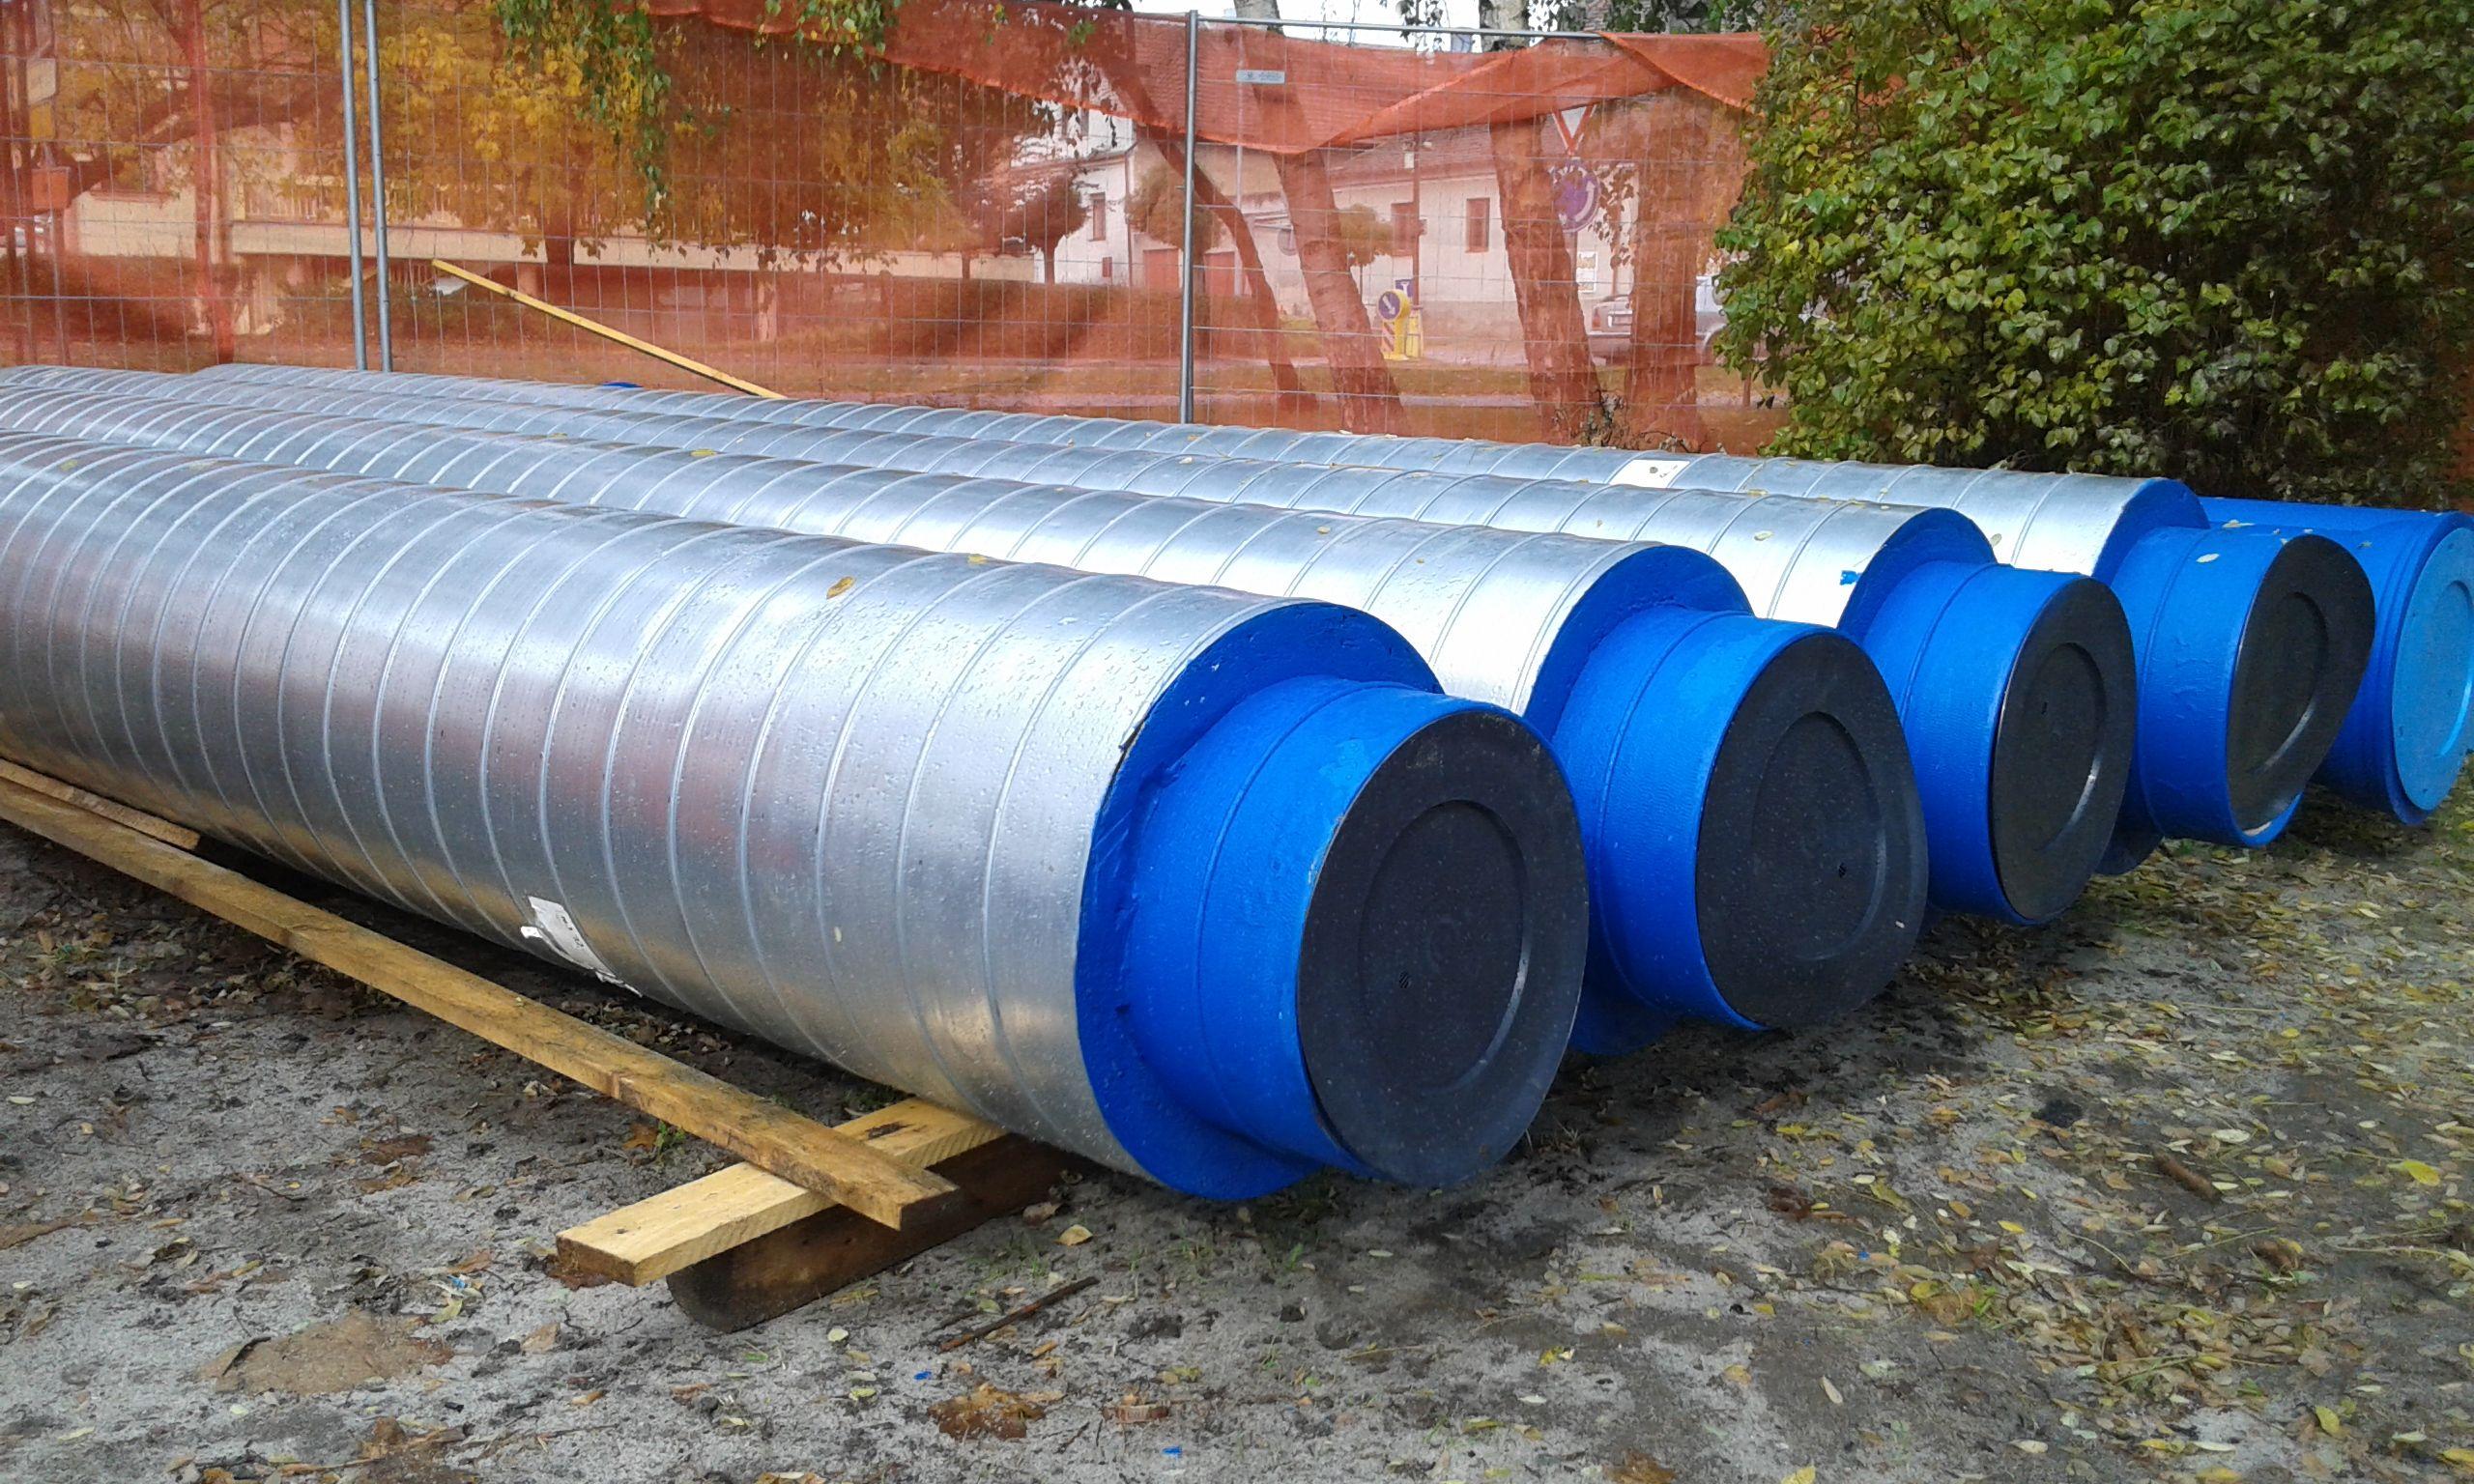 Potrubí s tepelnou izolací pro nadzemní instalace